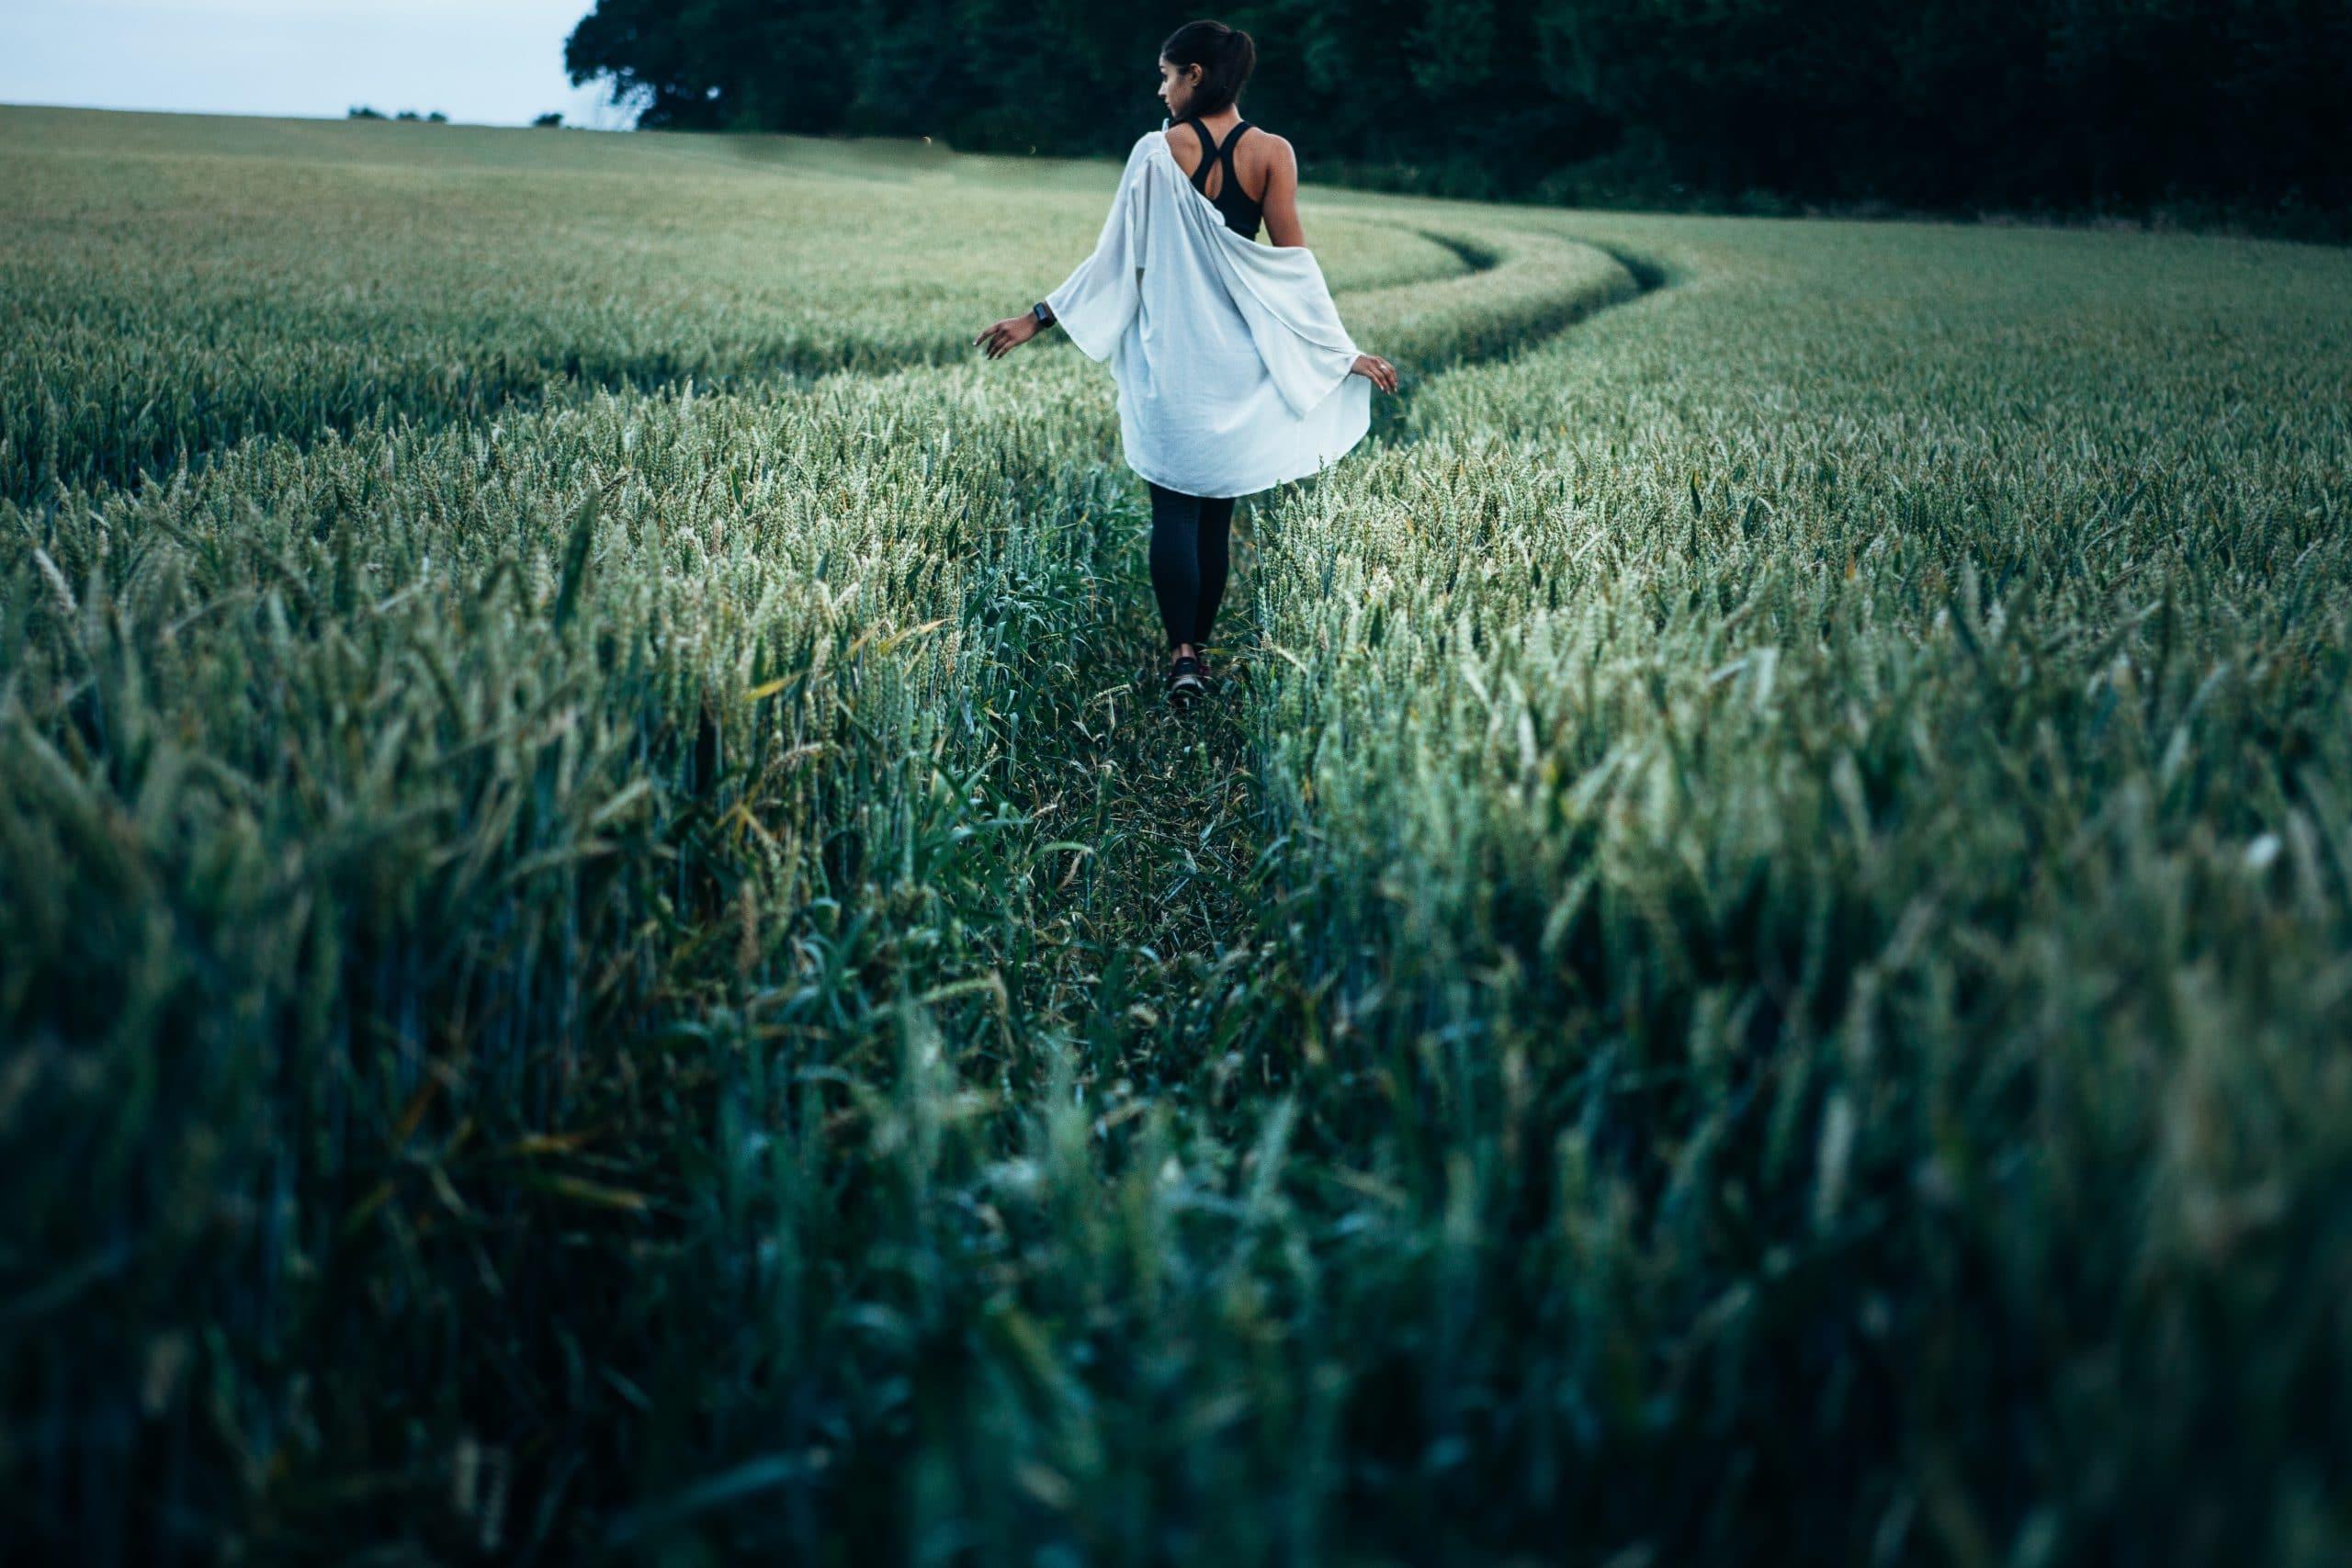 Mulher caminhando de costas em gramado